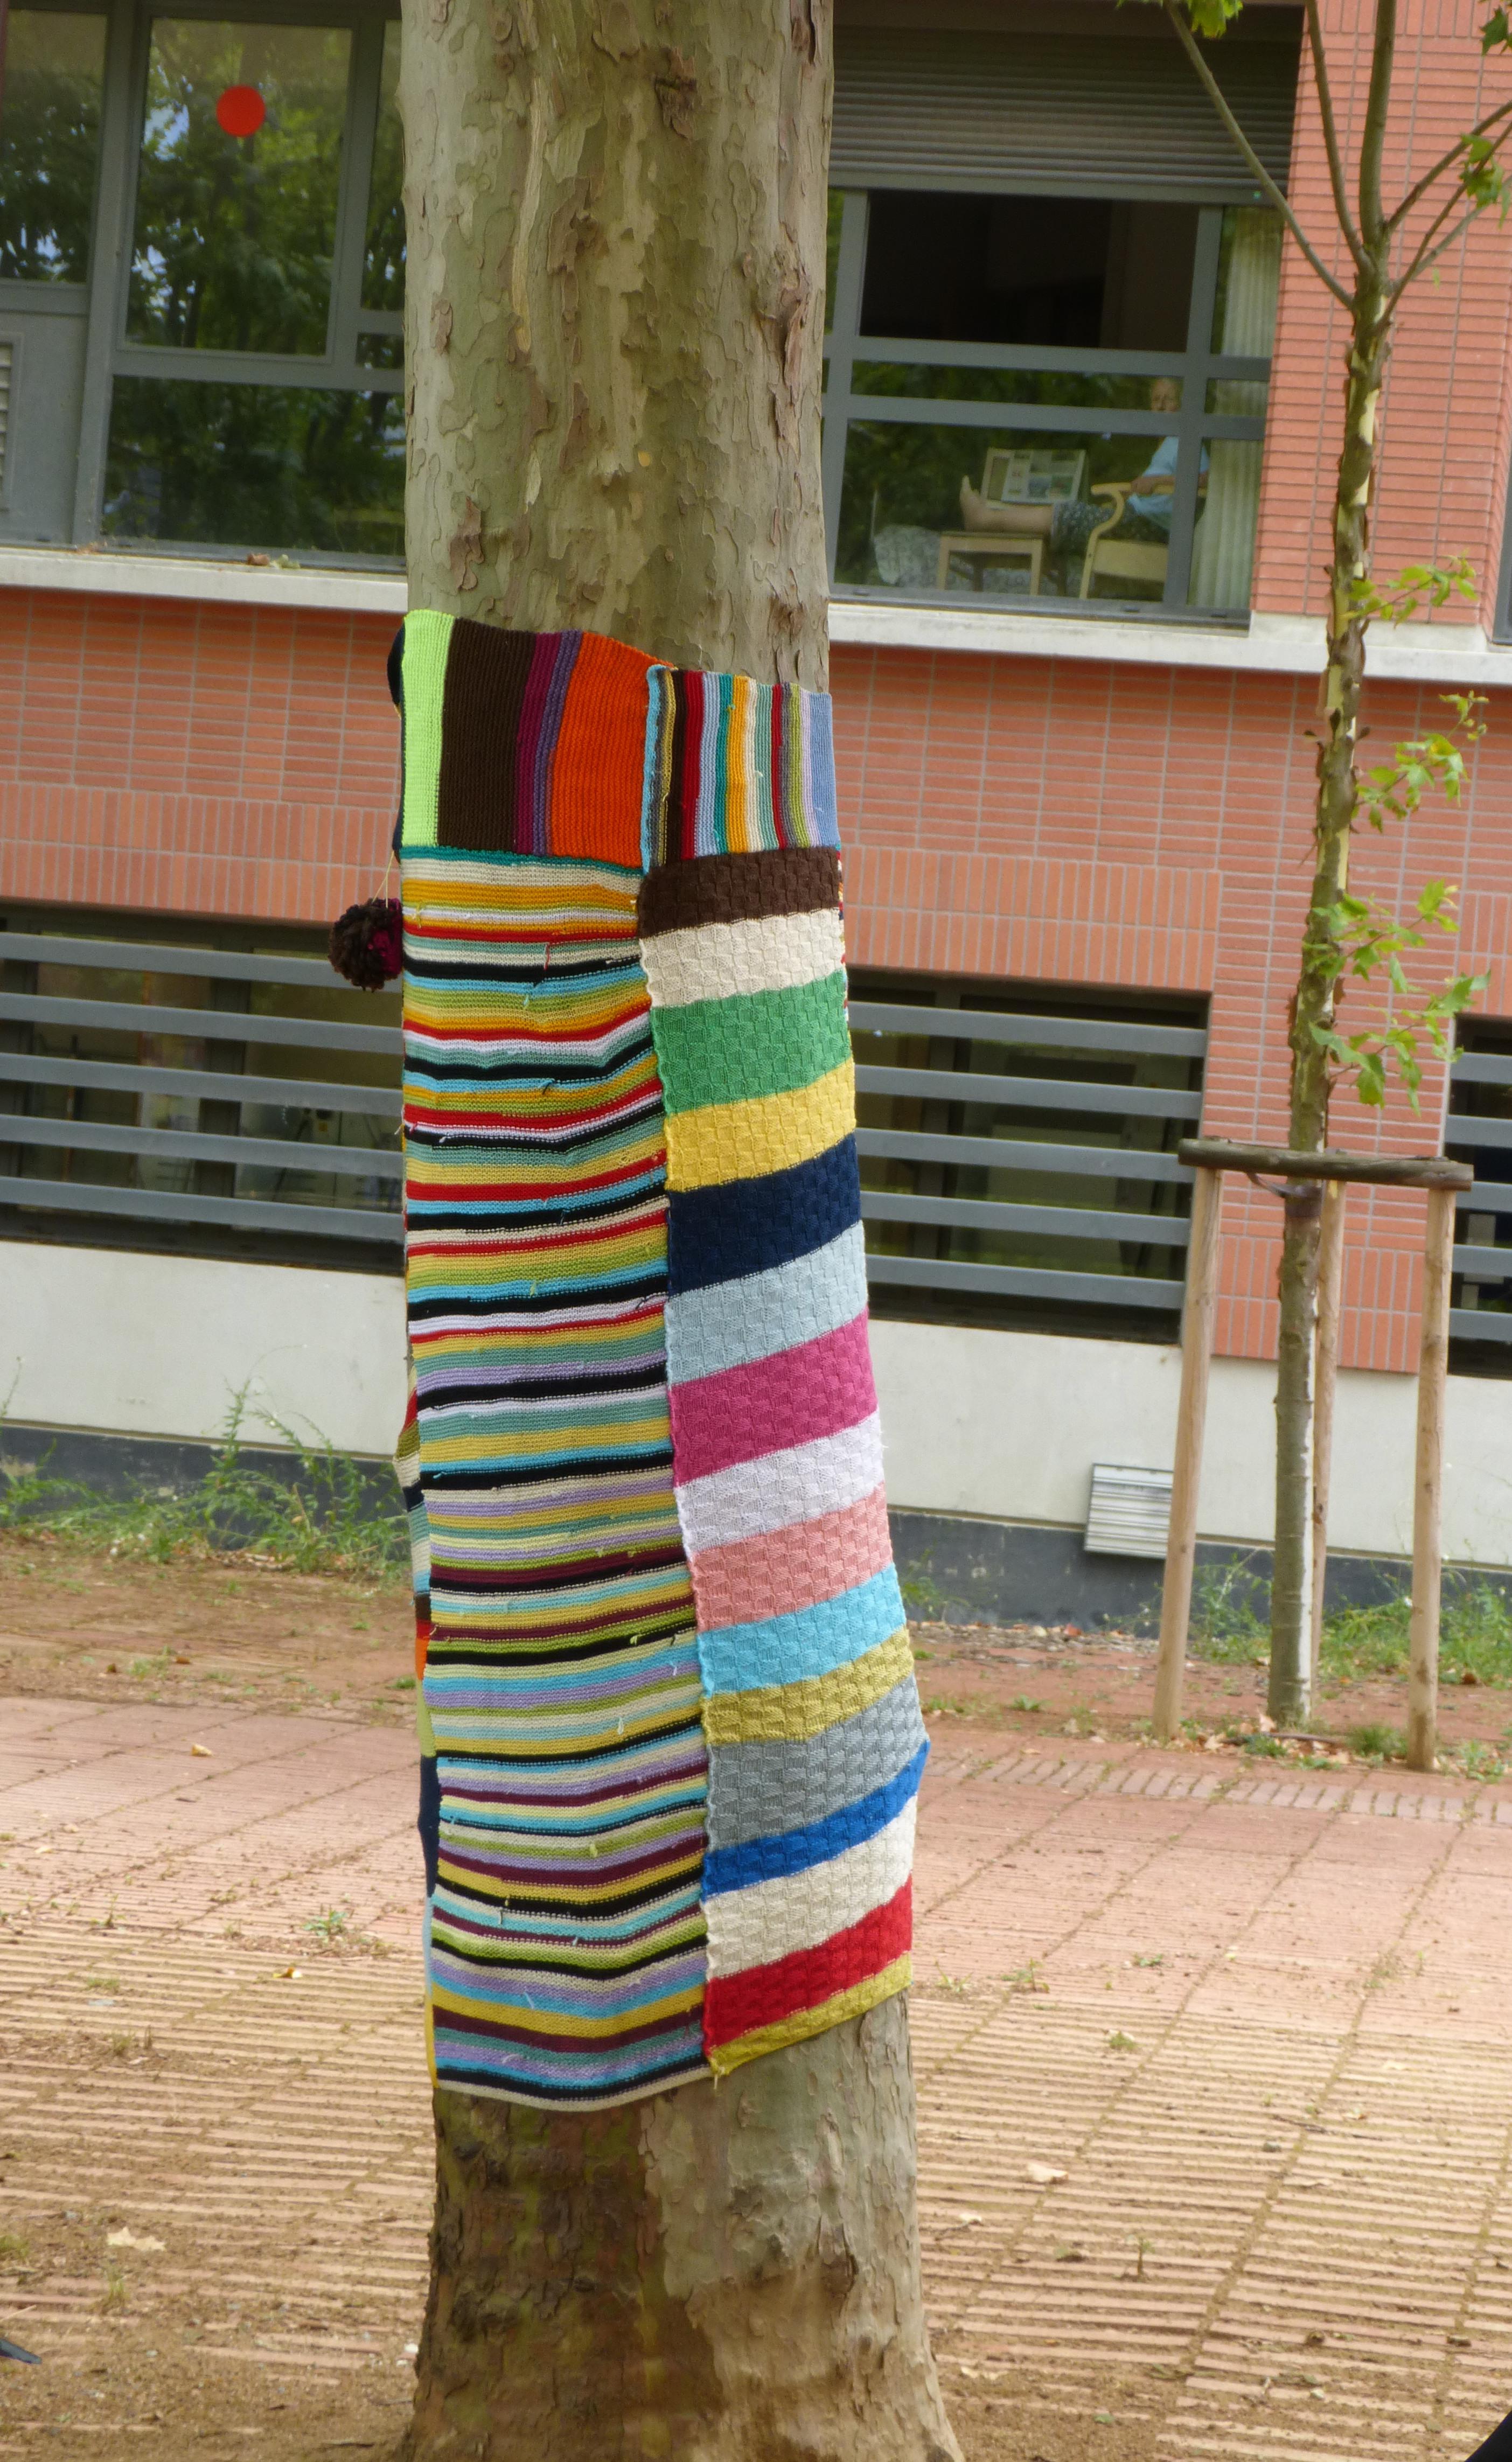 Tricot au jardin Niel, réalisé par les résidentes